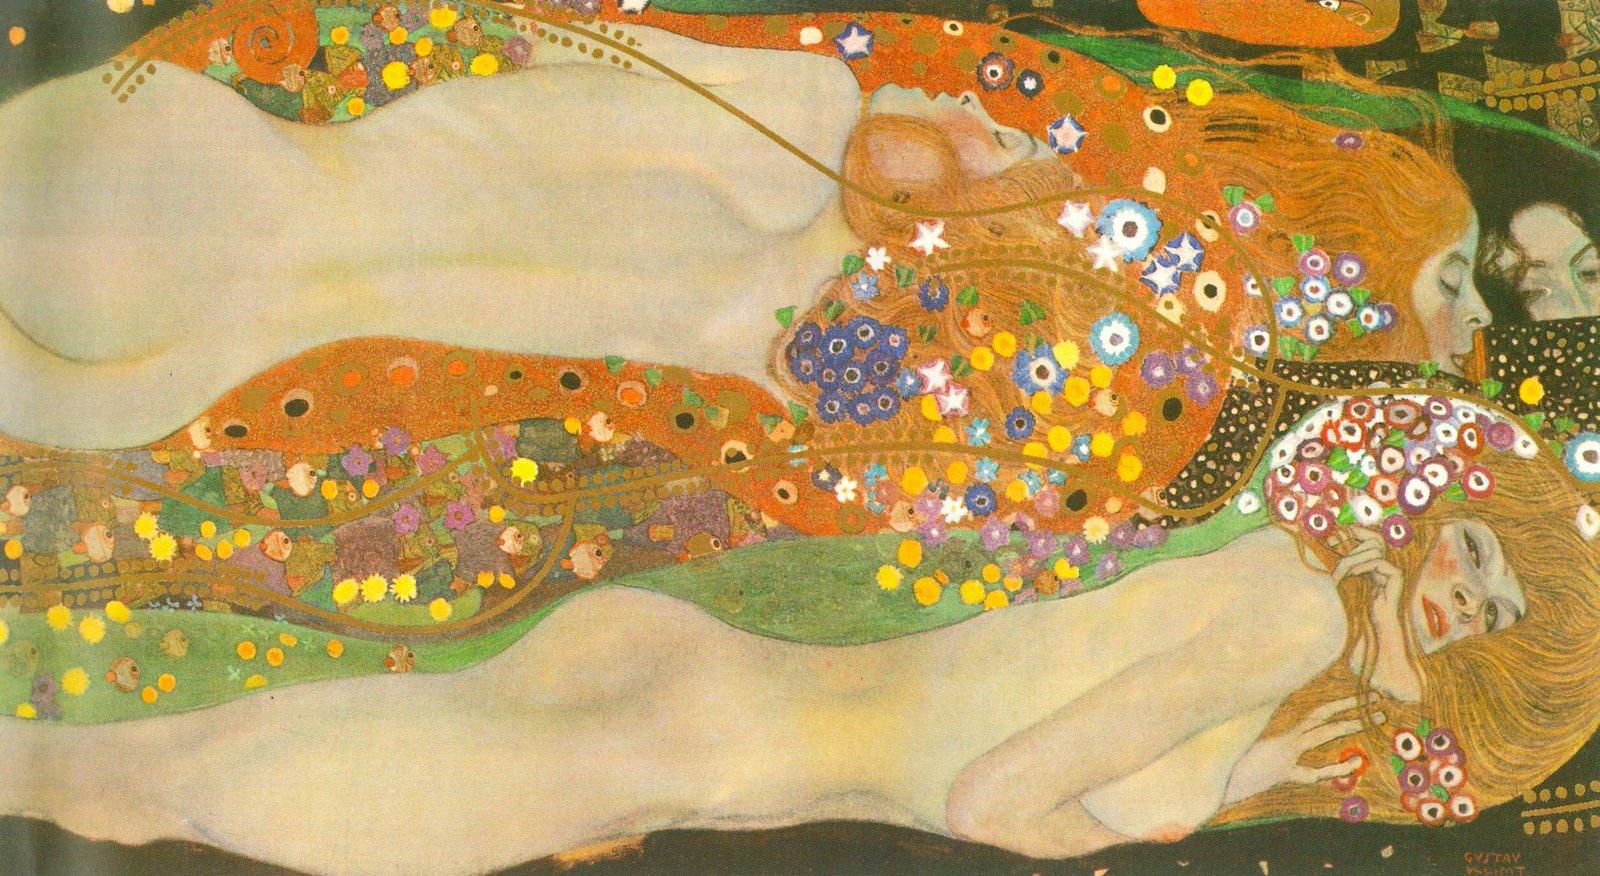 Serpientes de agua, de Gustav Klimt